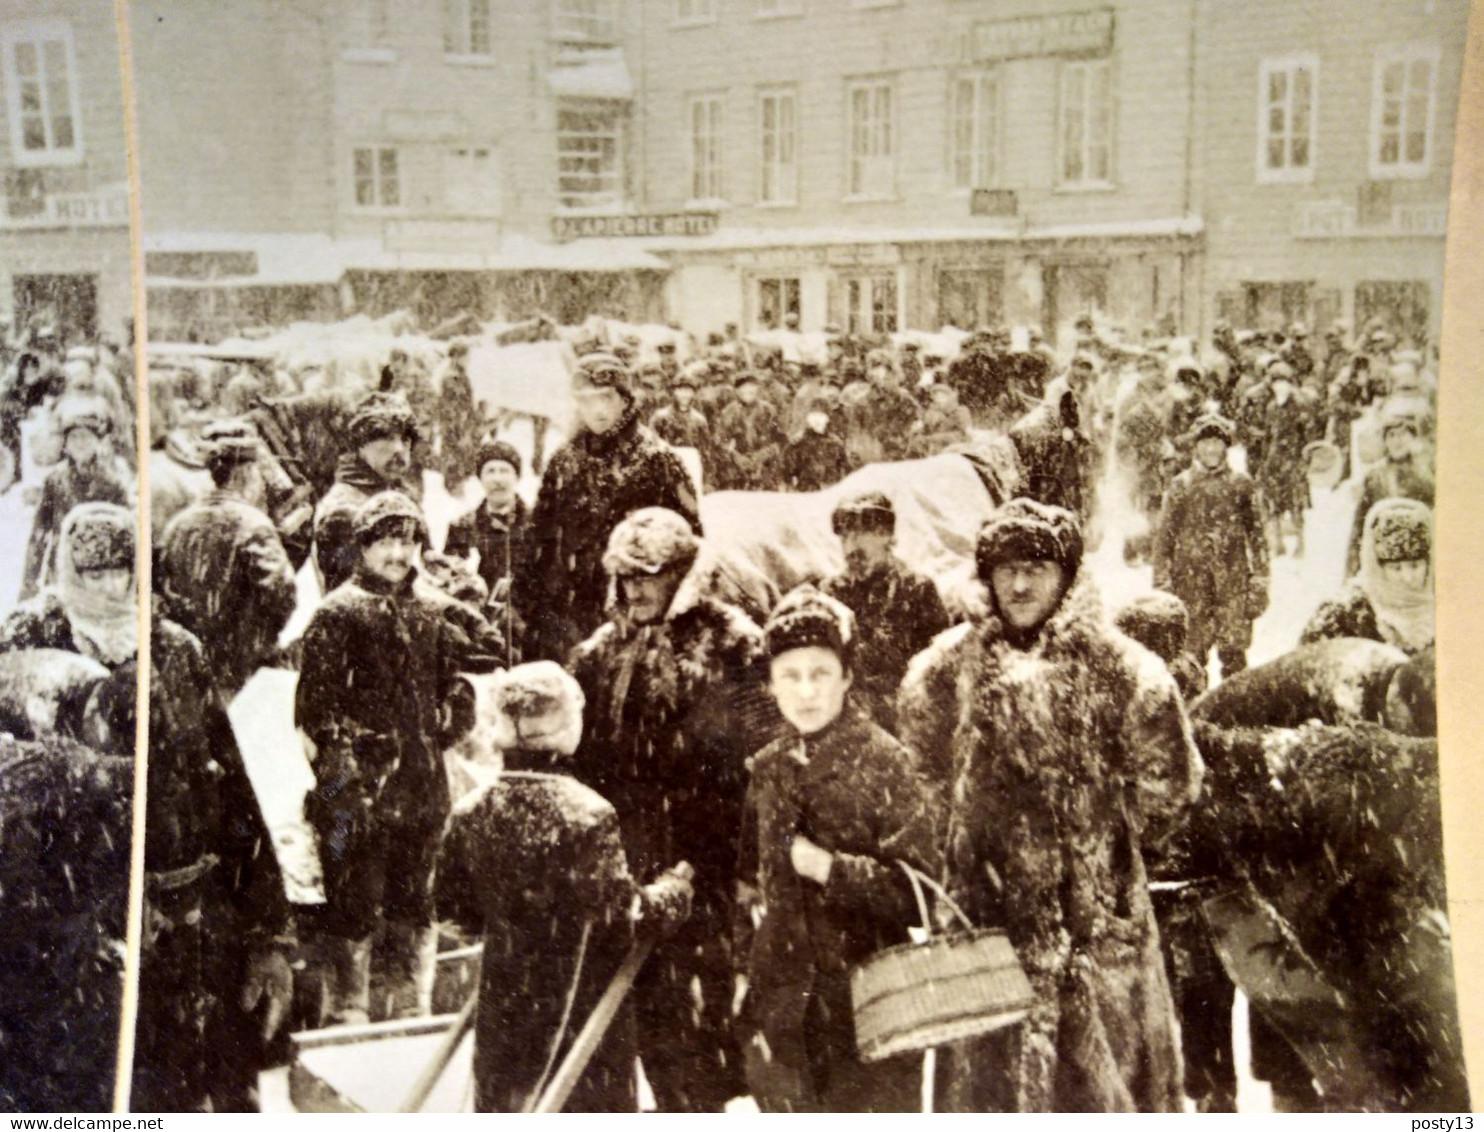 PHOTO STÉRÉO  CANADA - QUÉBEC - Grand Jour De Marché Sous La Neige - Superbe ! 1888 - TBE - Stereoscopio